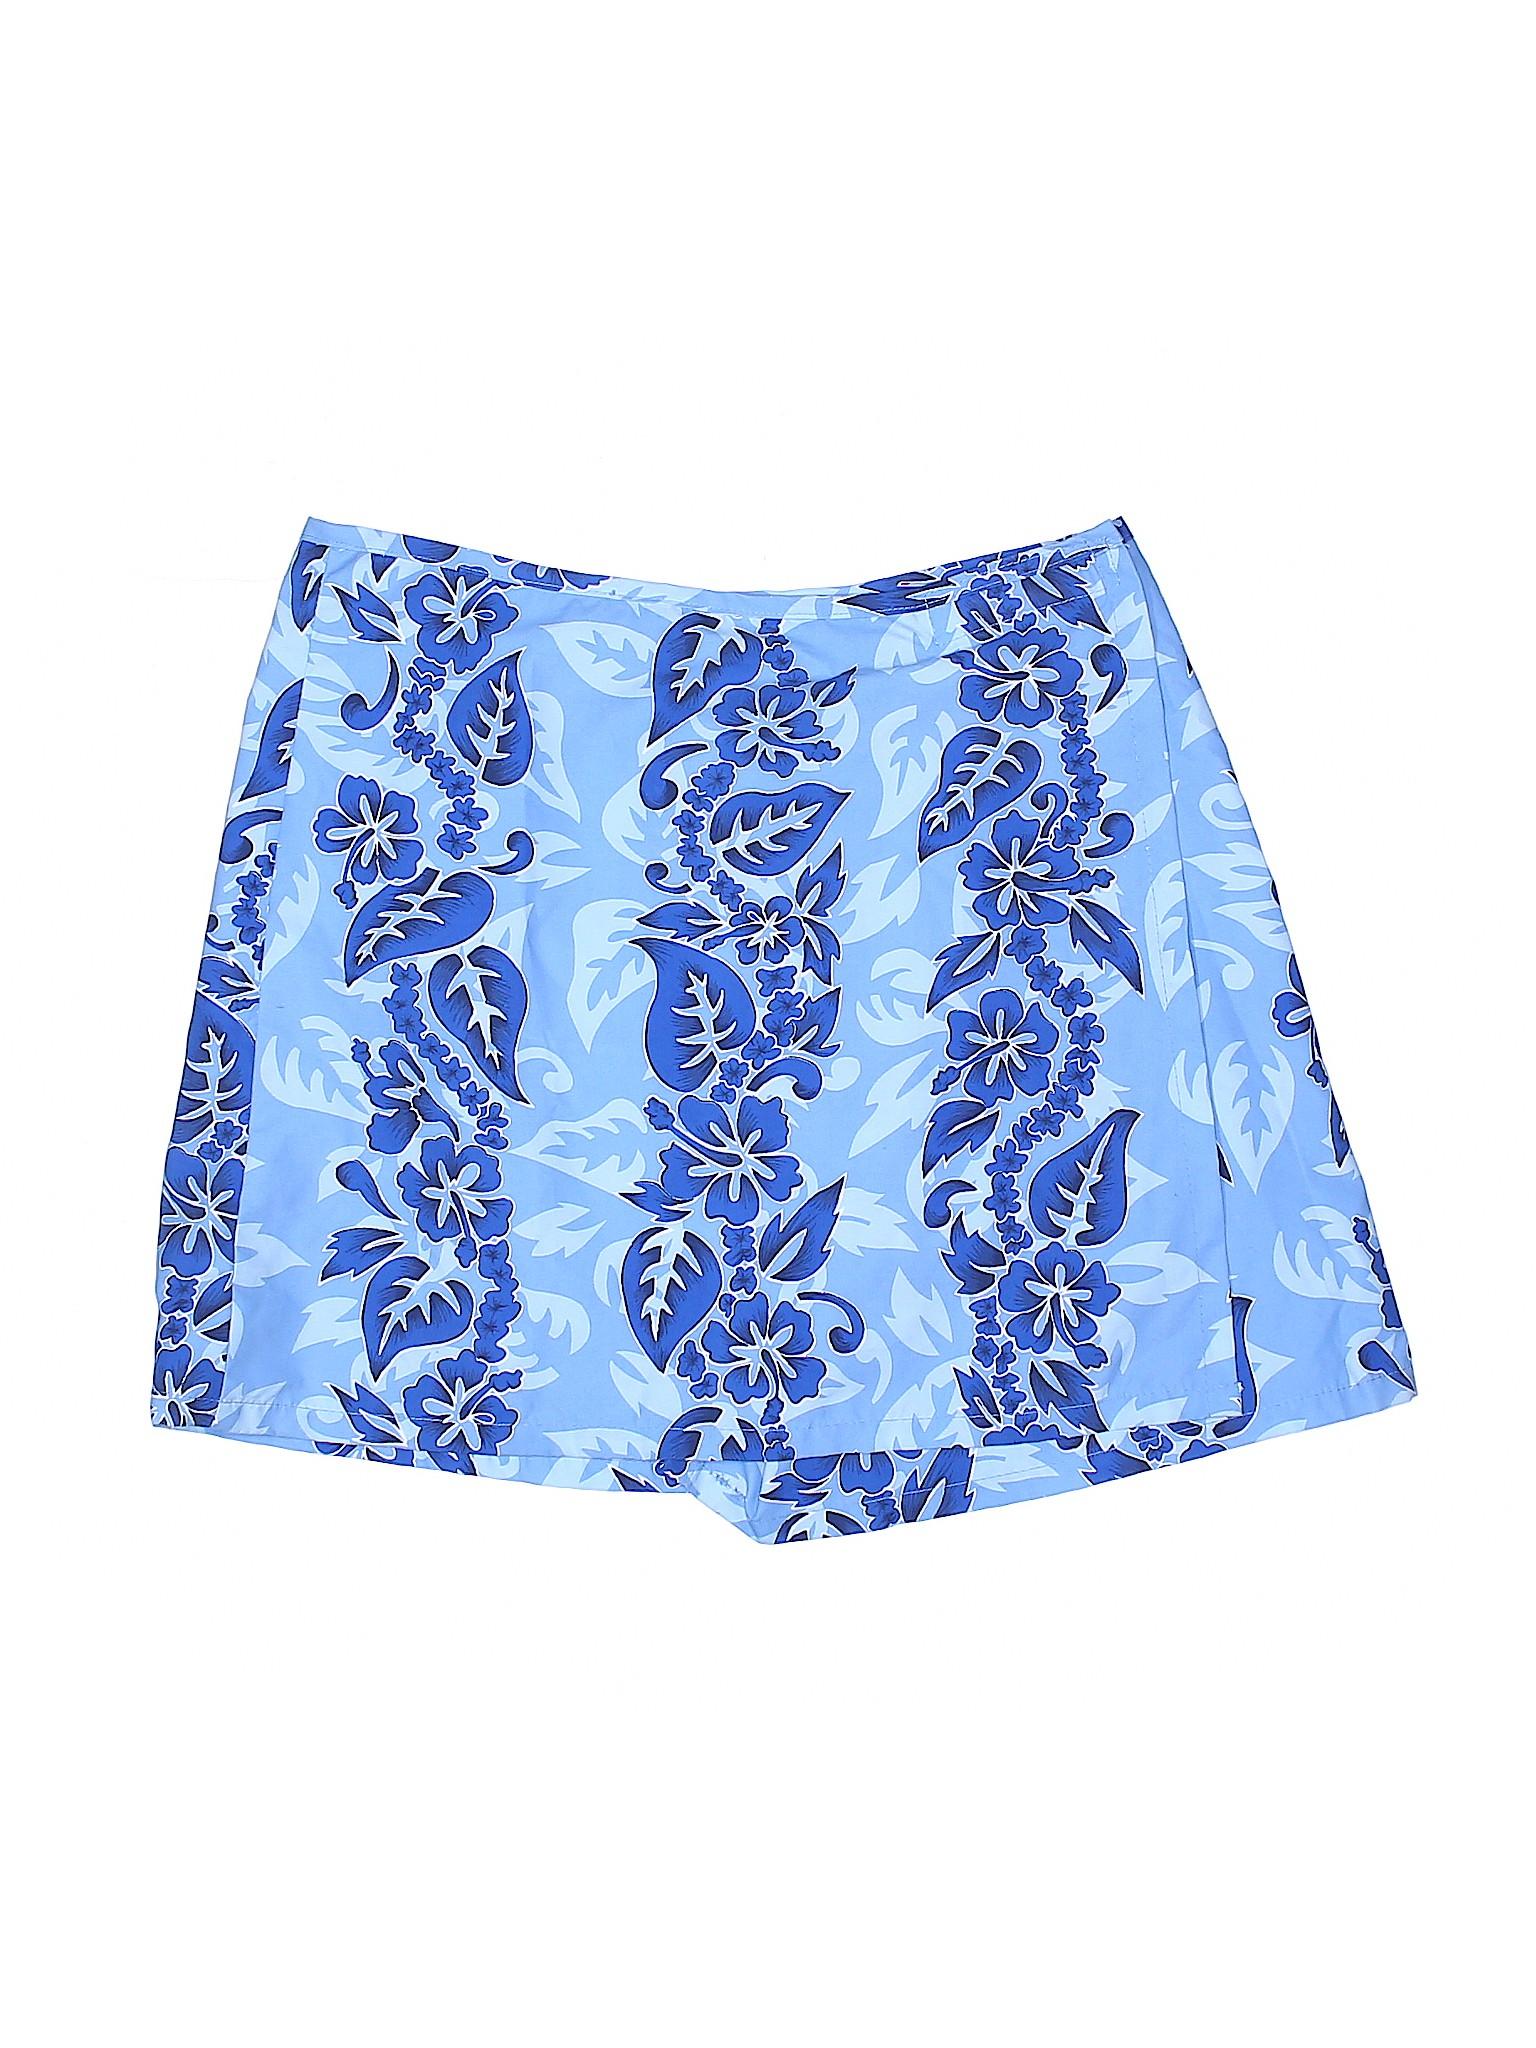 Clothing Boutique Swimsuit Q7uQ2pP1WB Up Cover Miken AcpqwZ